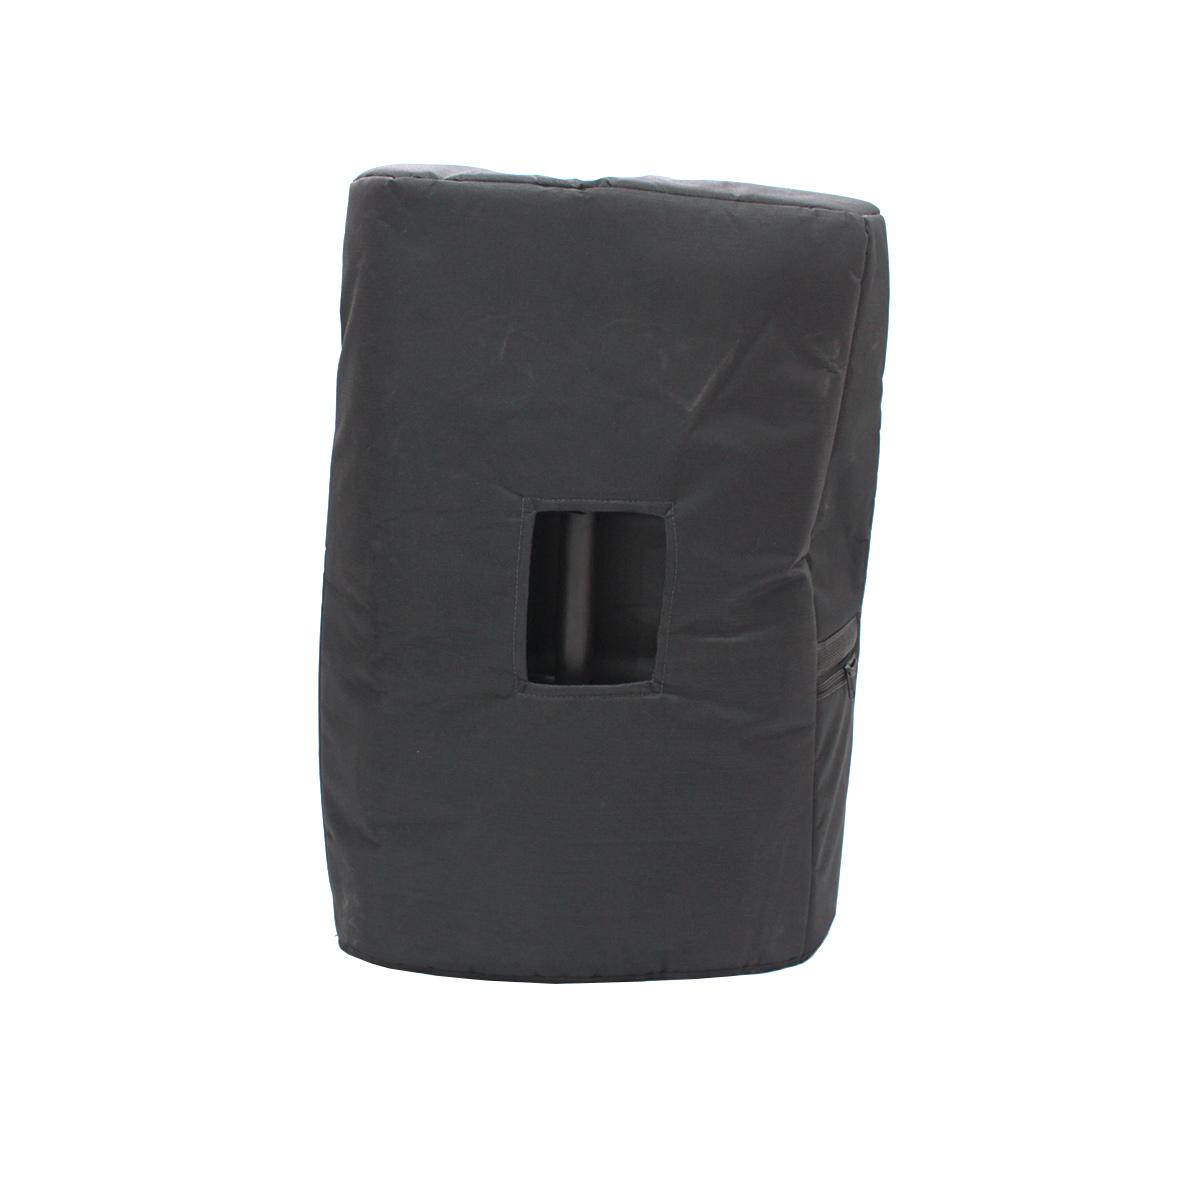 Capa de Proteção p/ Caixa CSR 3000 A USB - Capa 3000 A USB VR